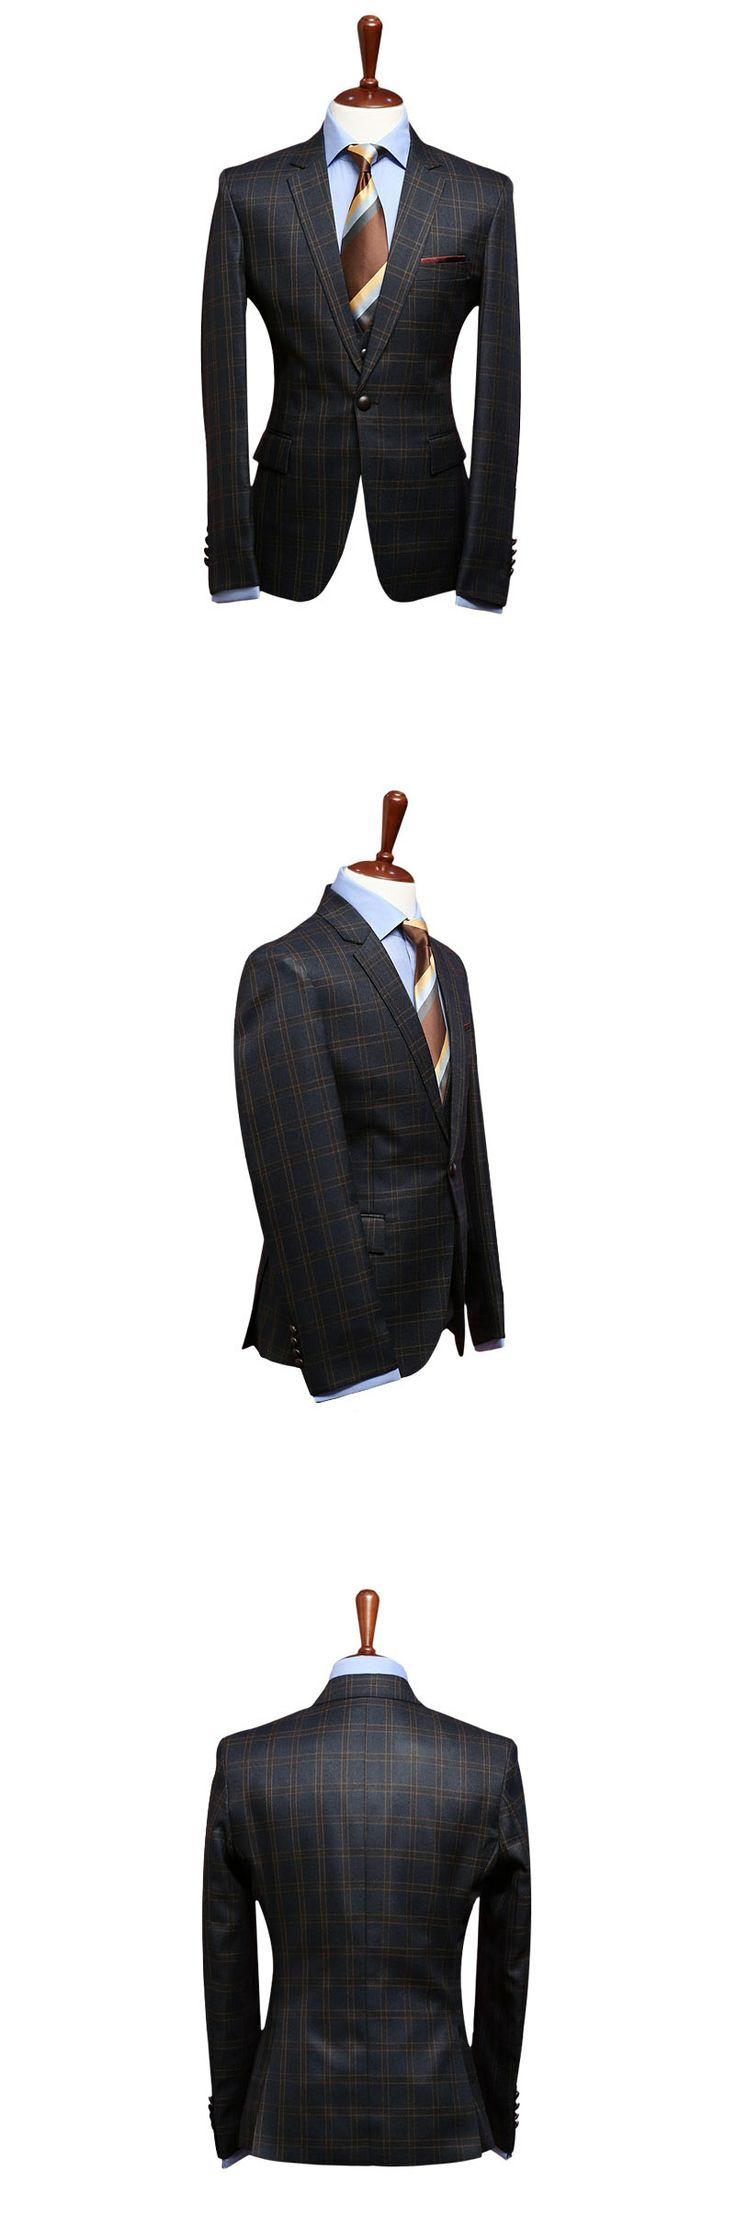 NAVY plaid mens suits uk lounge suit party weddings slim fit designer prom suits | eBay